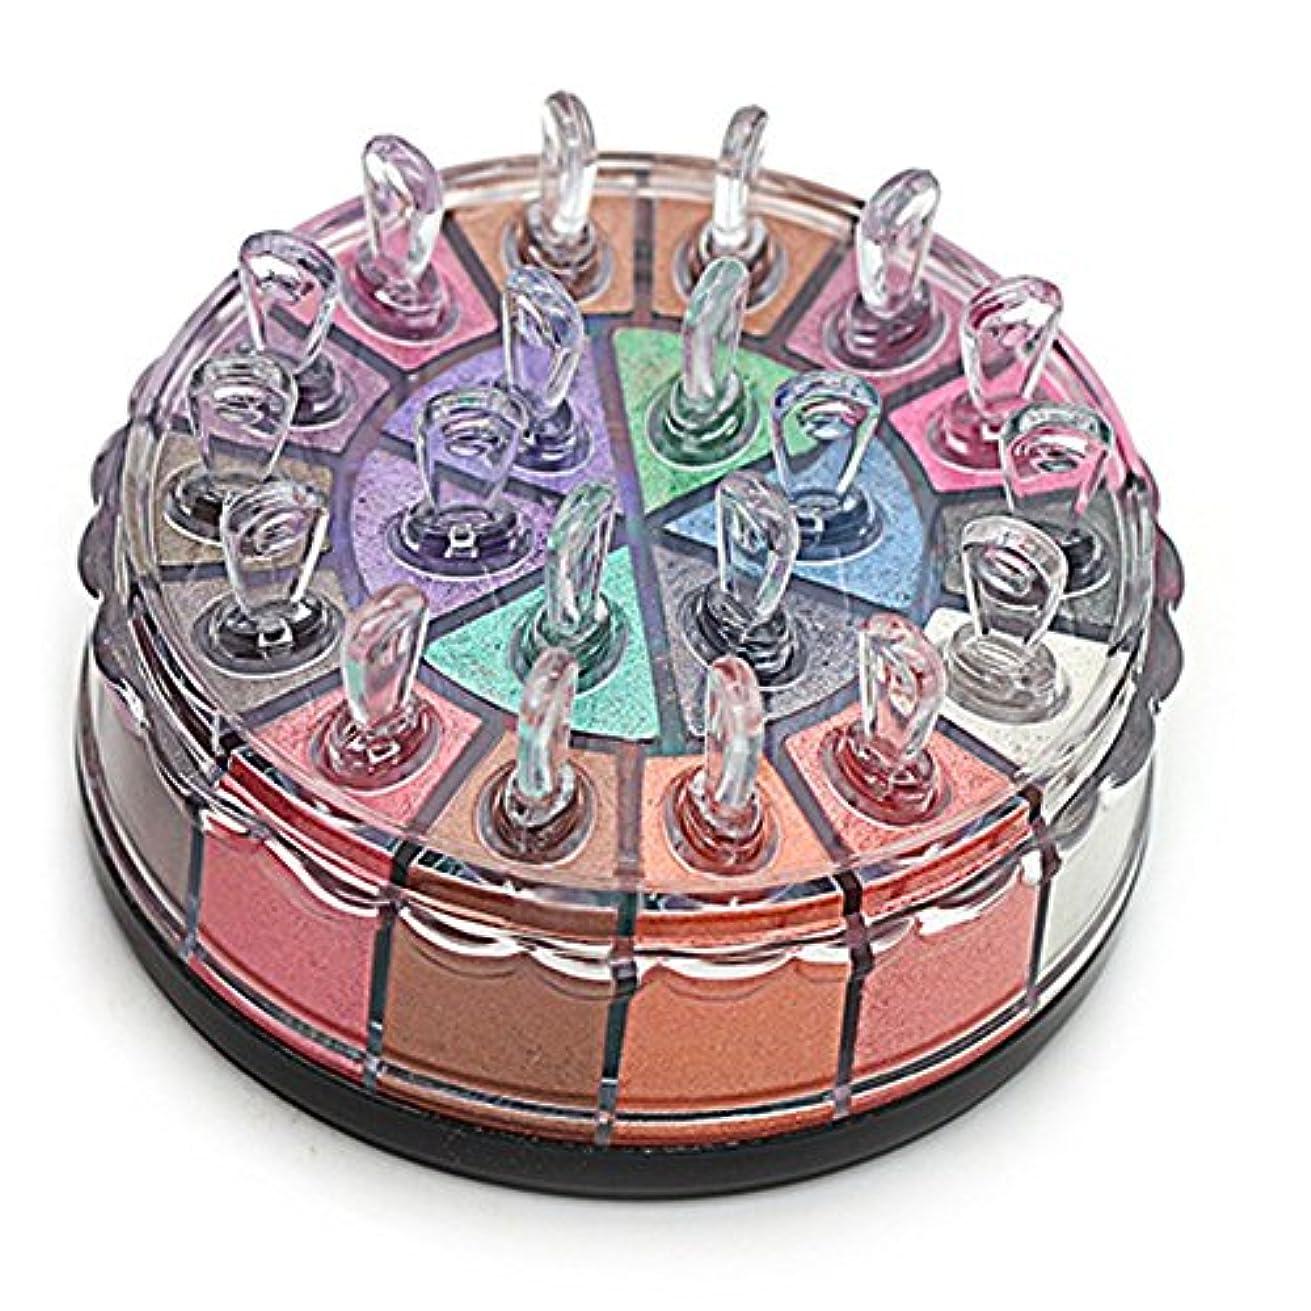 引き出し採用繊維アイシャドー アイシャドウパ おしゃれ 光沢 20色 アイシャドウ キラキラ 欧米風 ハイライト シェーディング パーティー コスプレ 日常 (タイプーB)